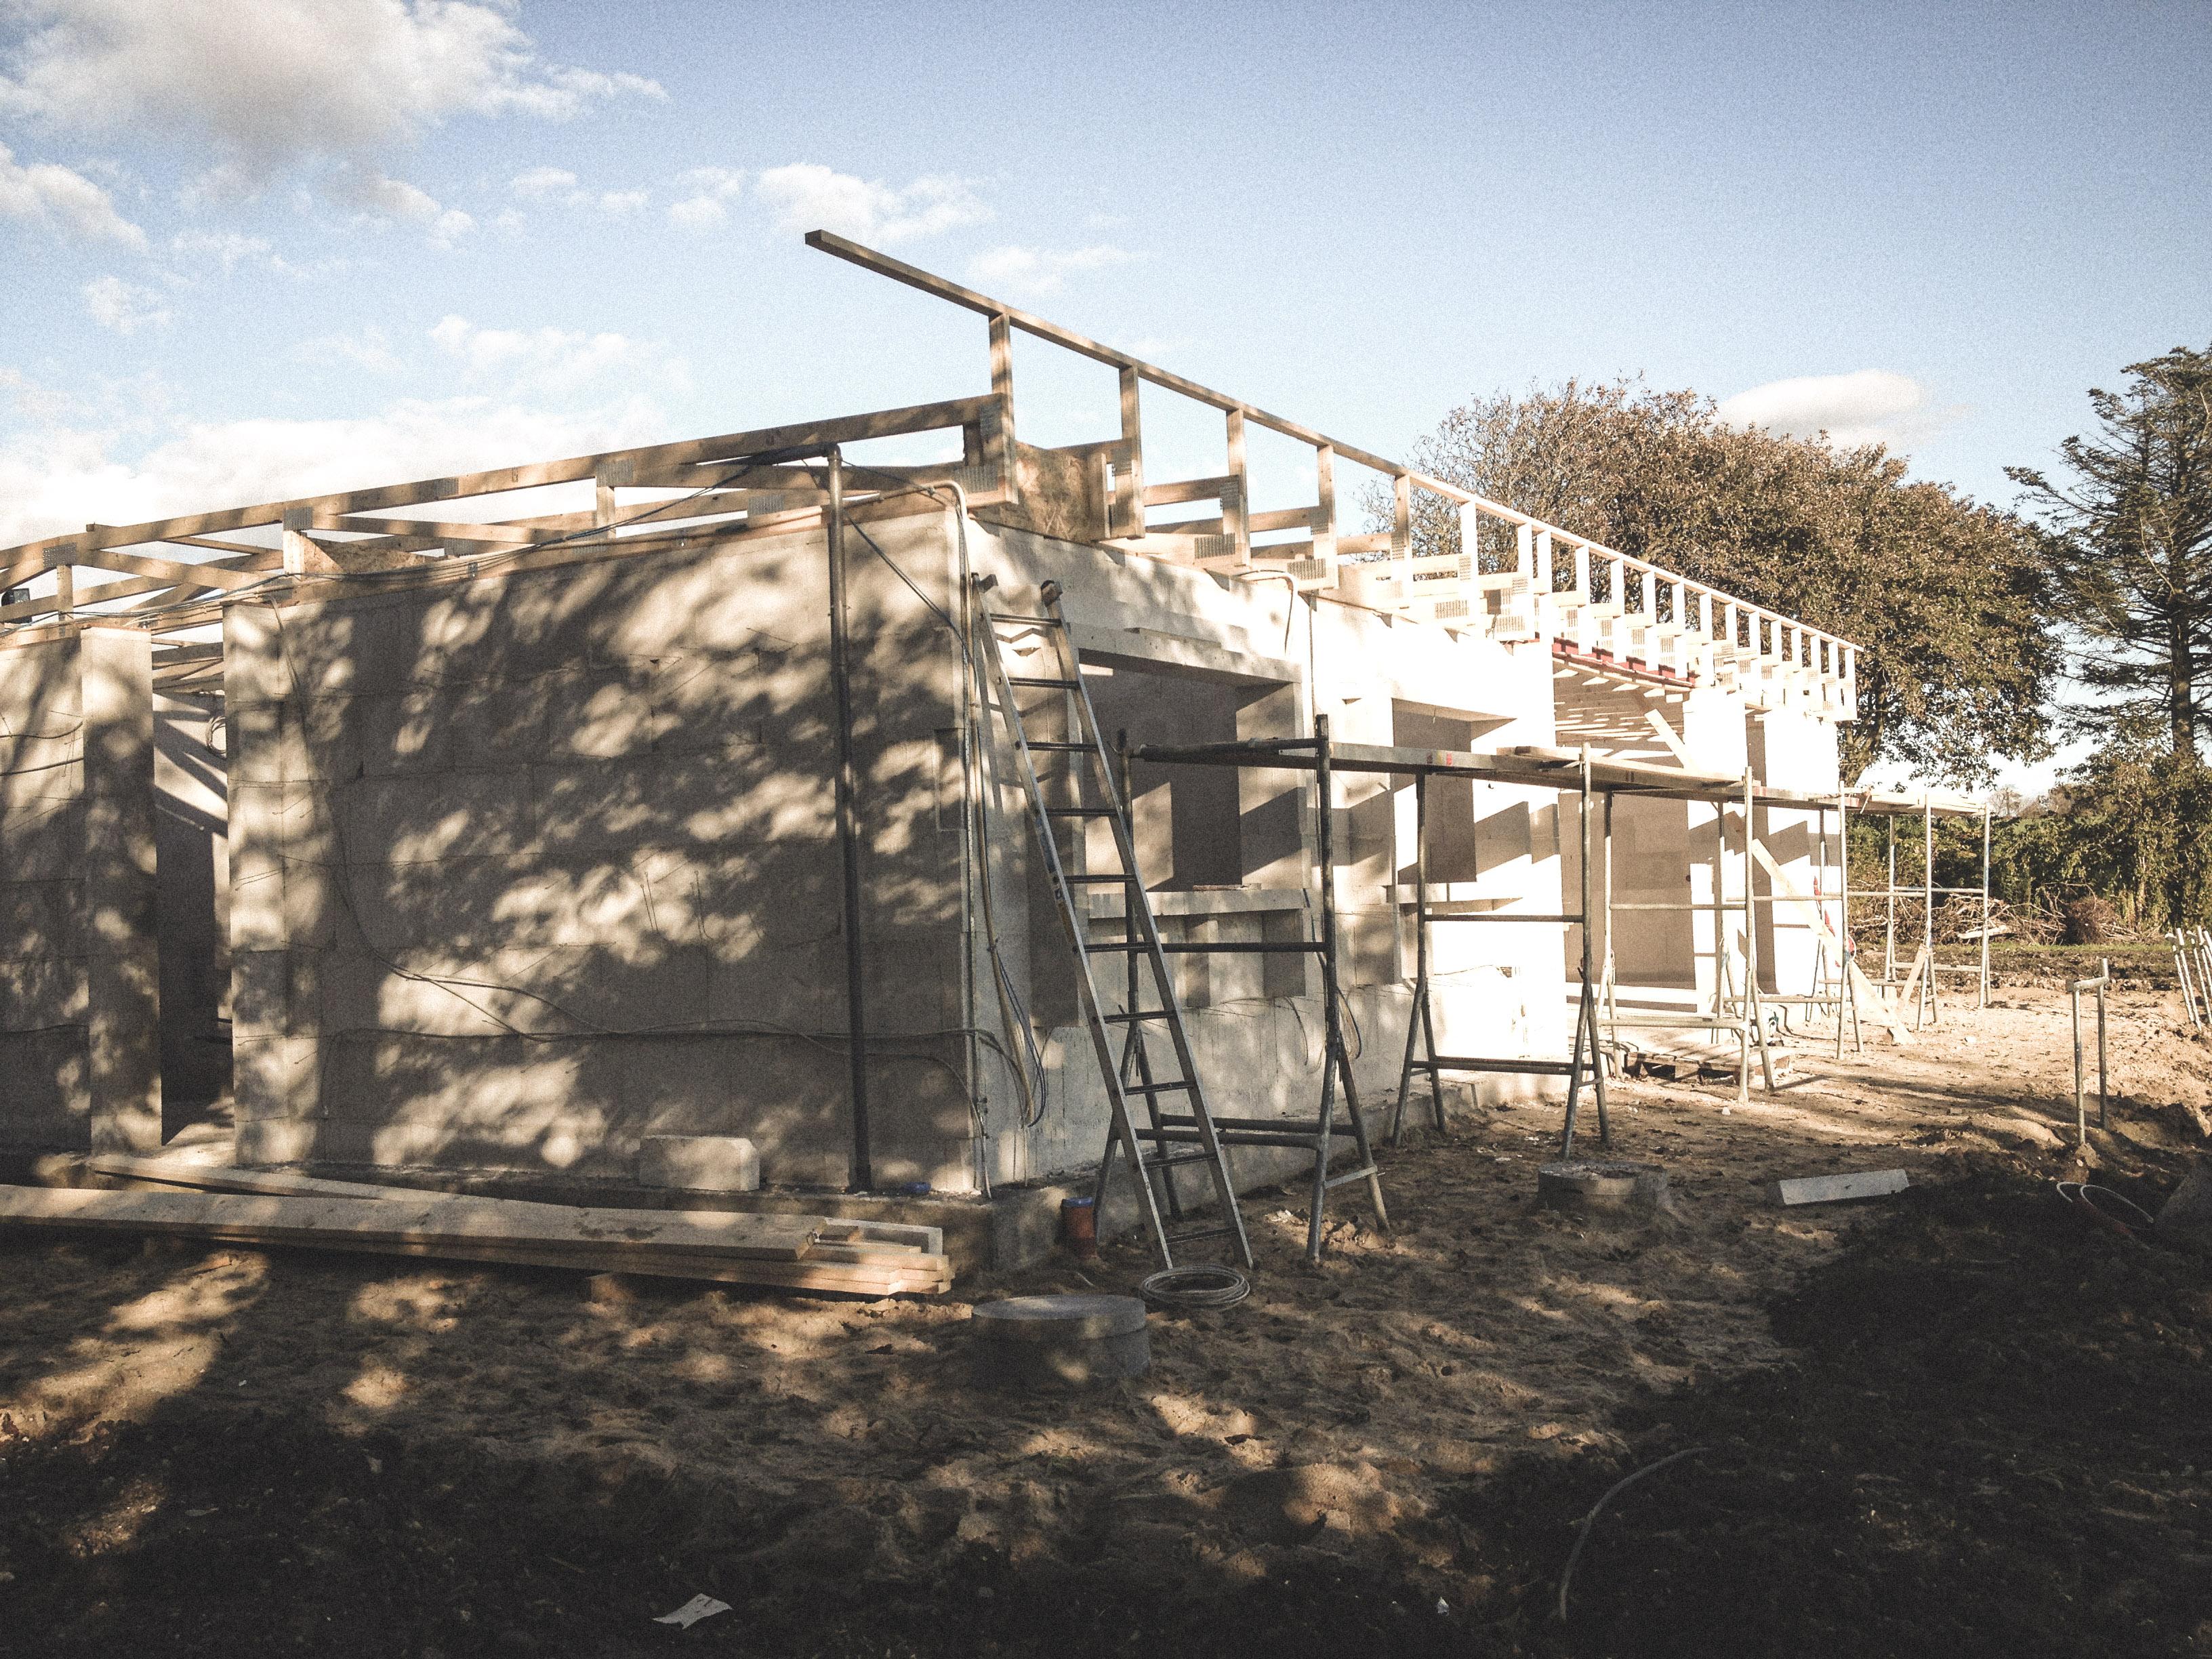 Billede af et igangværende byggeri i Thisted status, tegnet af arkitektfirmaet m2plus.